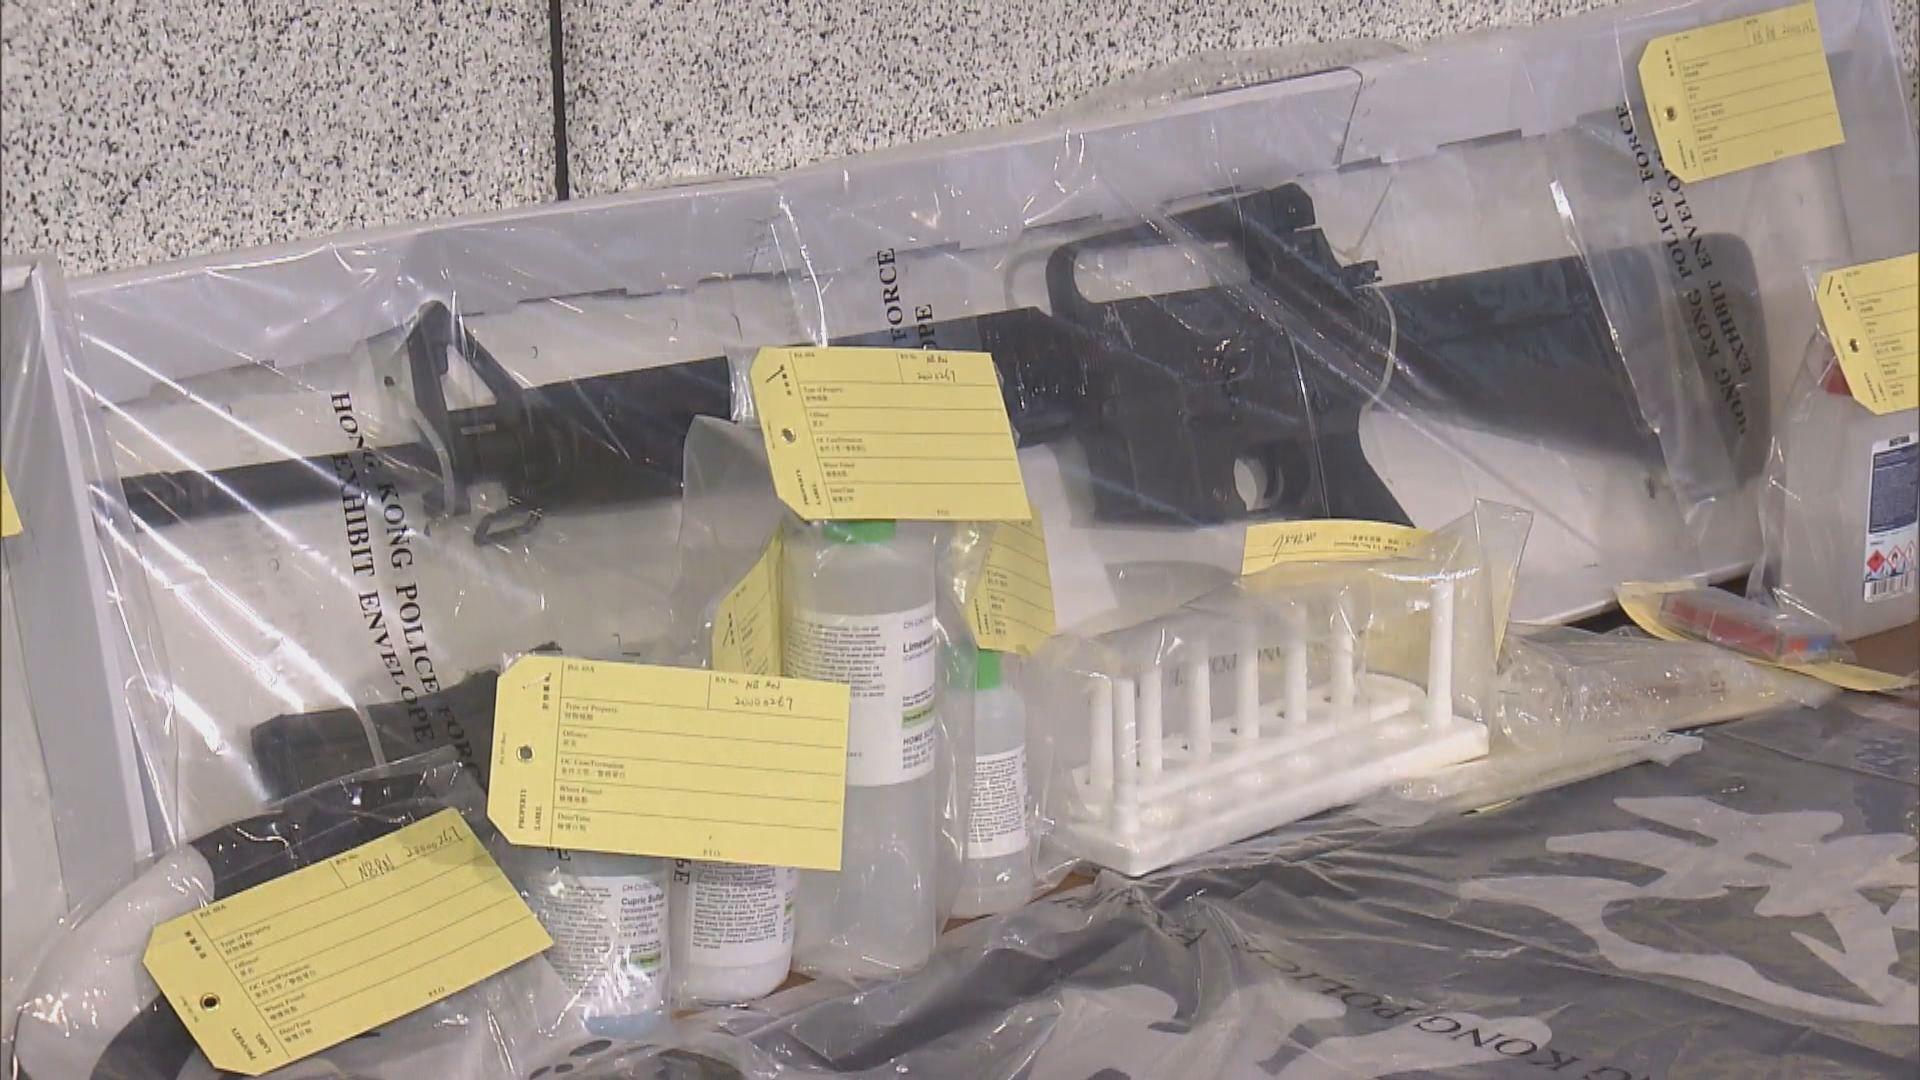 警拘二人 檢獲仿製槍械及爆炸品原材料